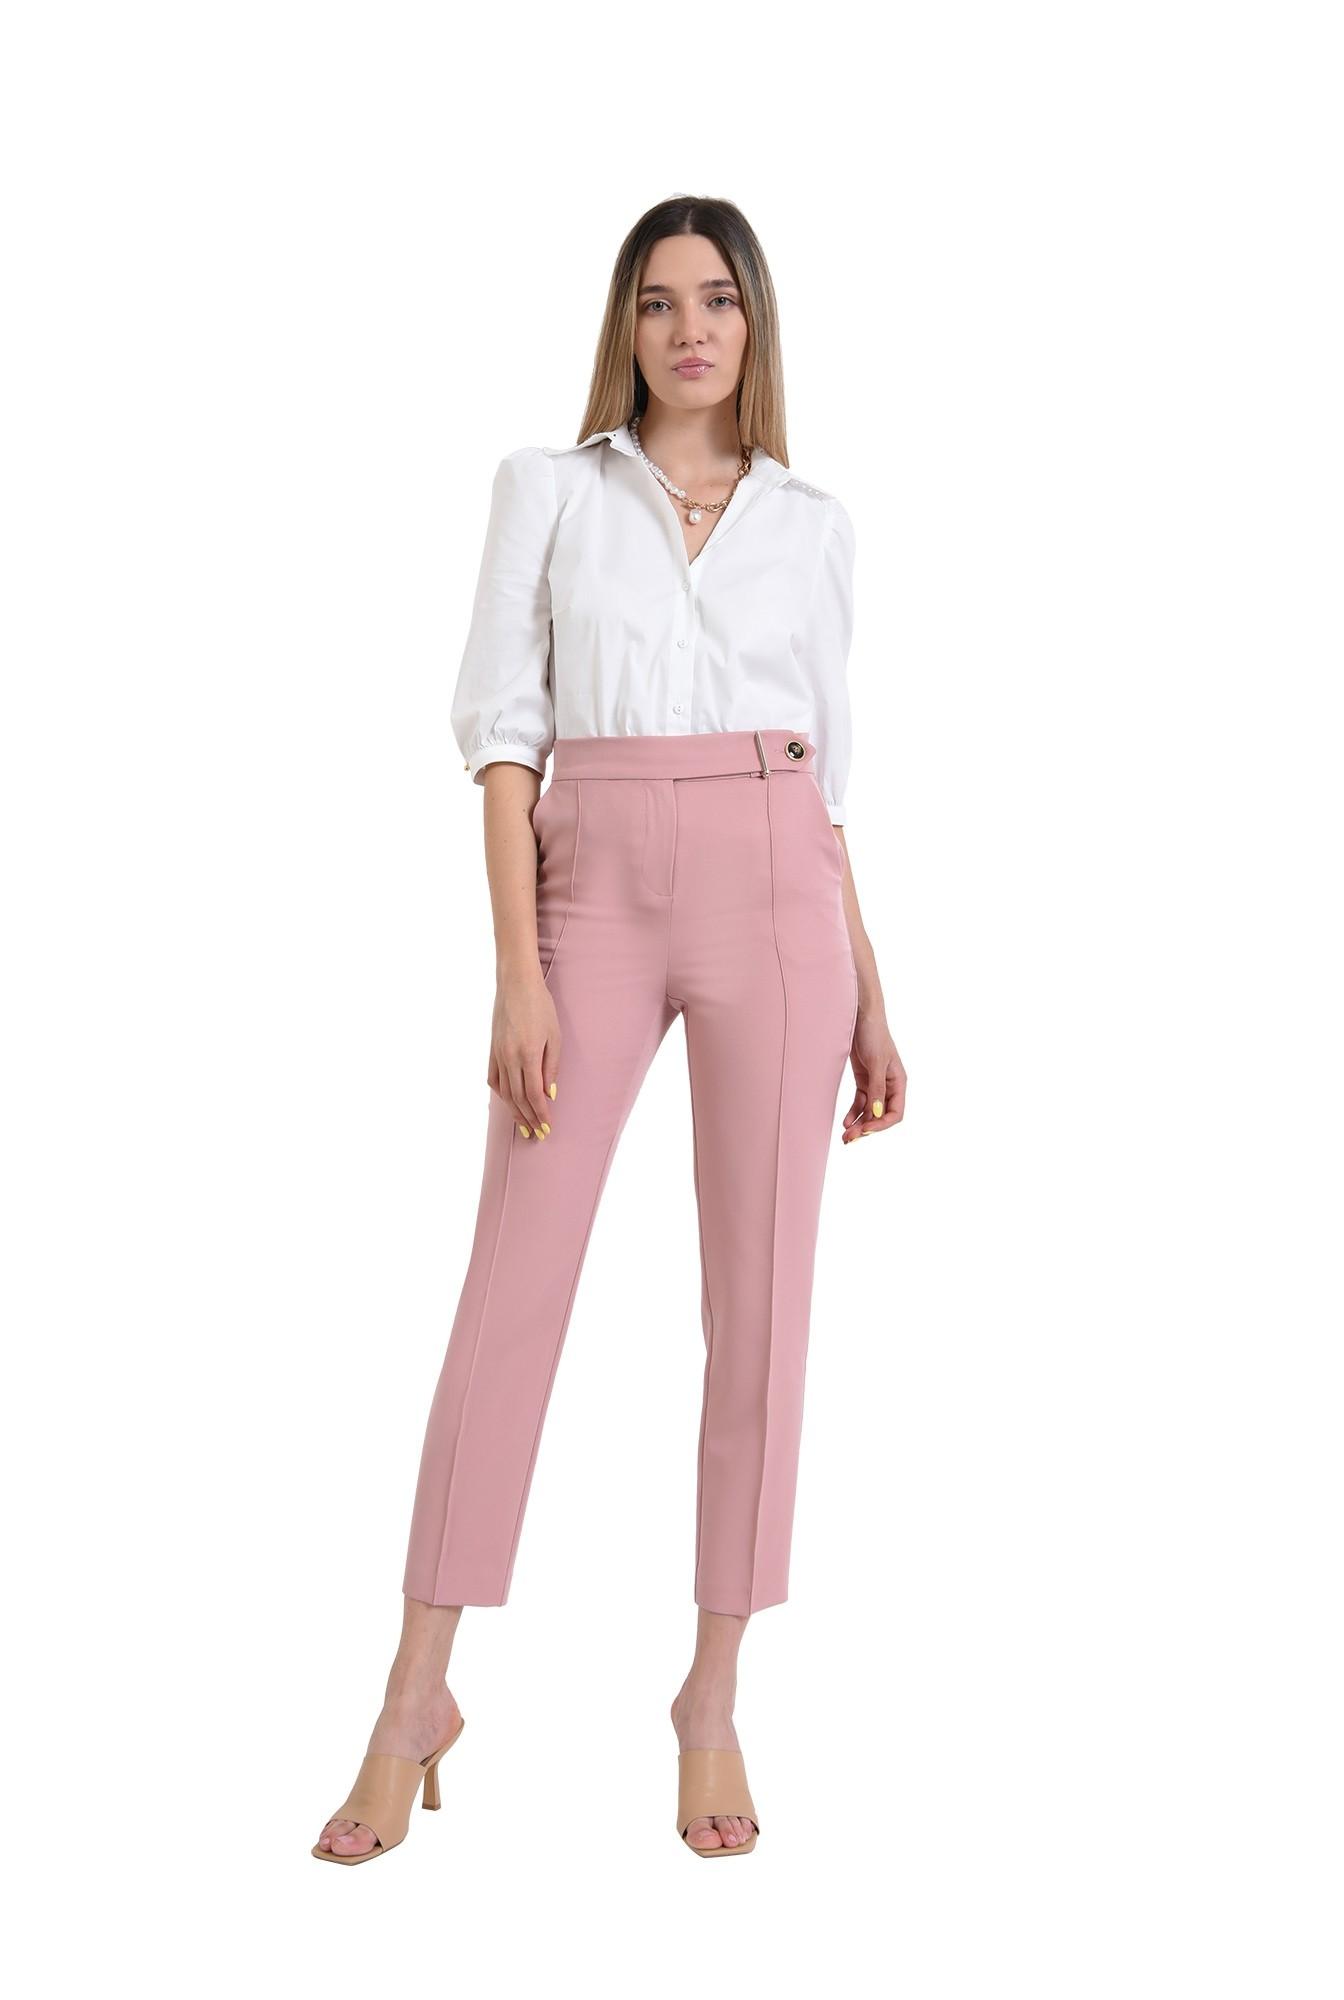 3 -  pantaloni roz, conici, office, casual, pantaloni pana